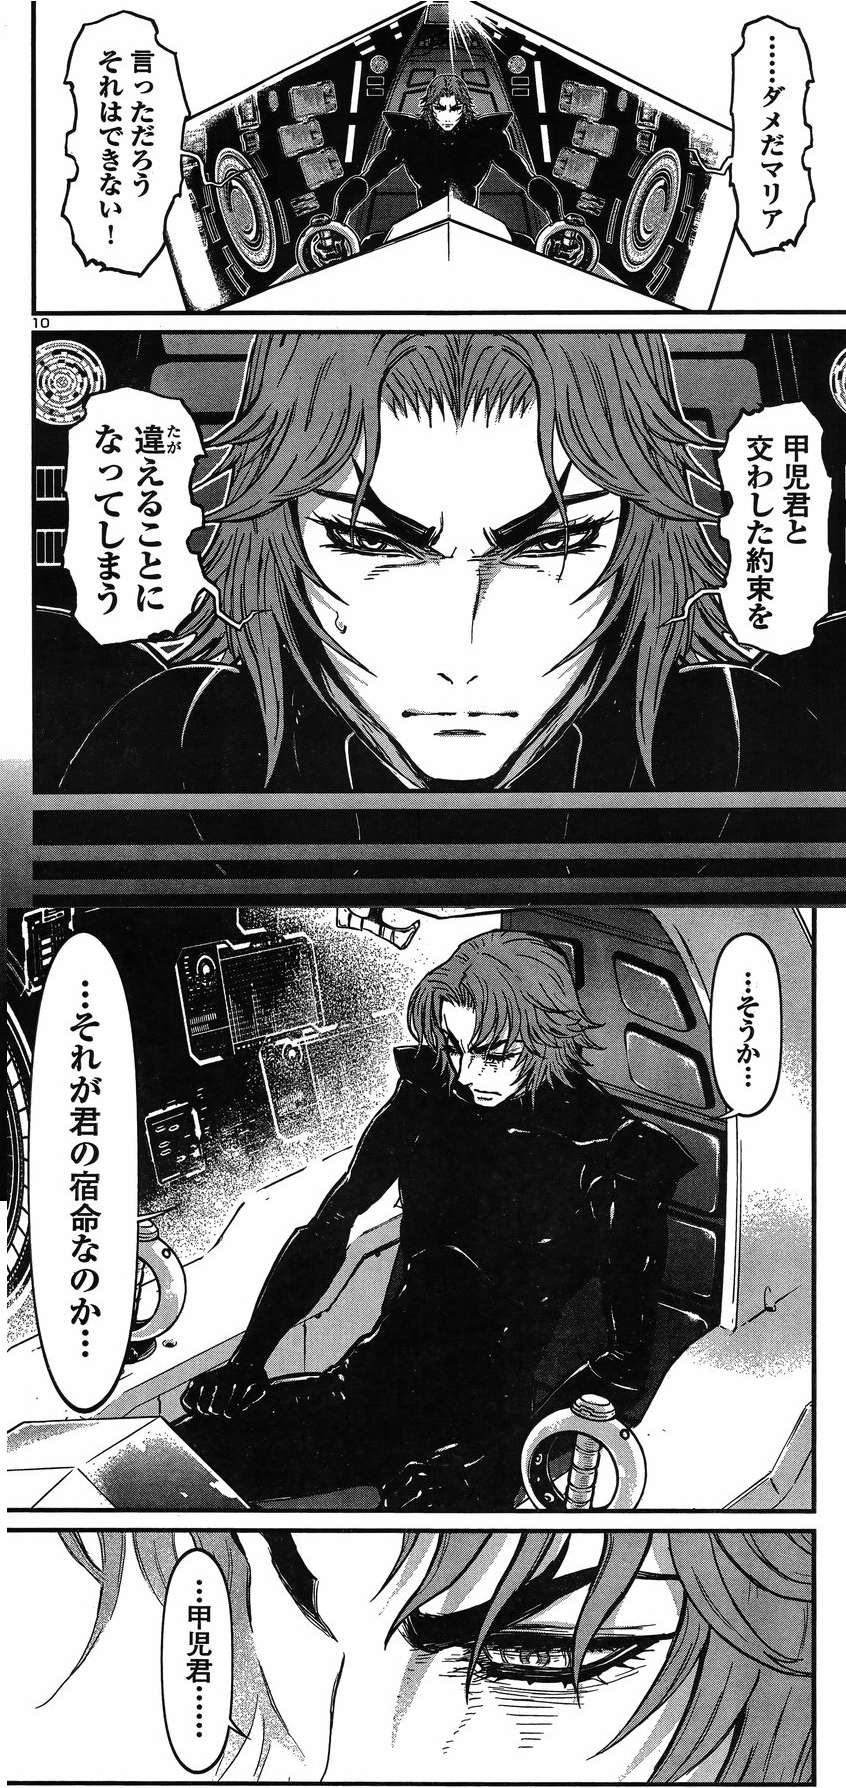 Evolution d'Actarus dans les mangas 756505duke